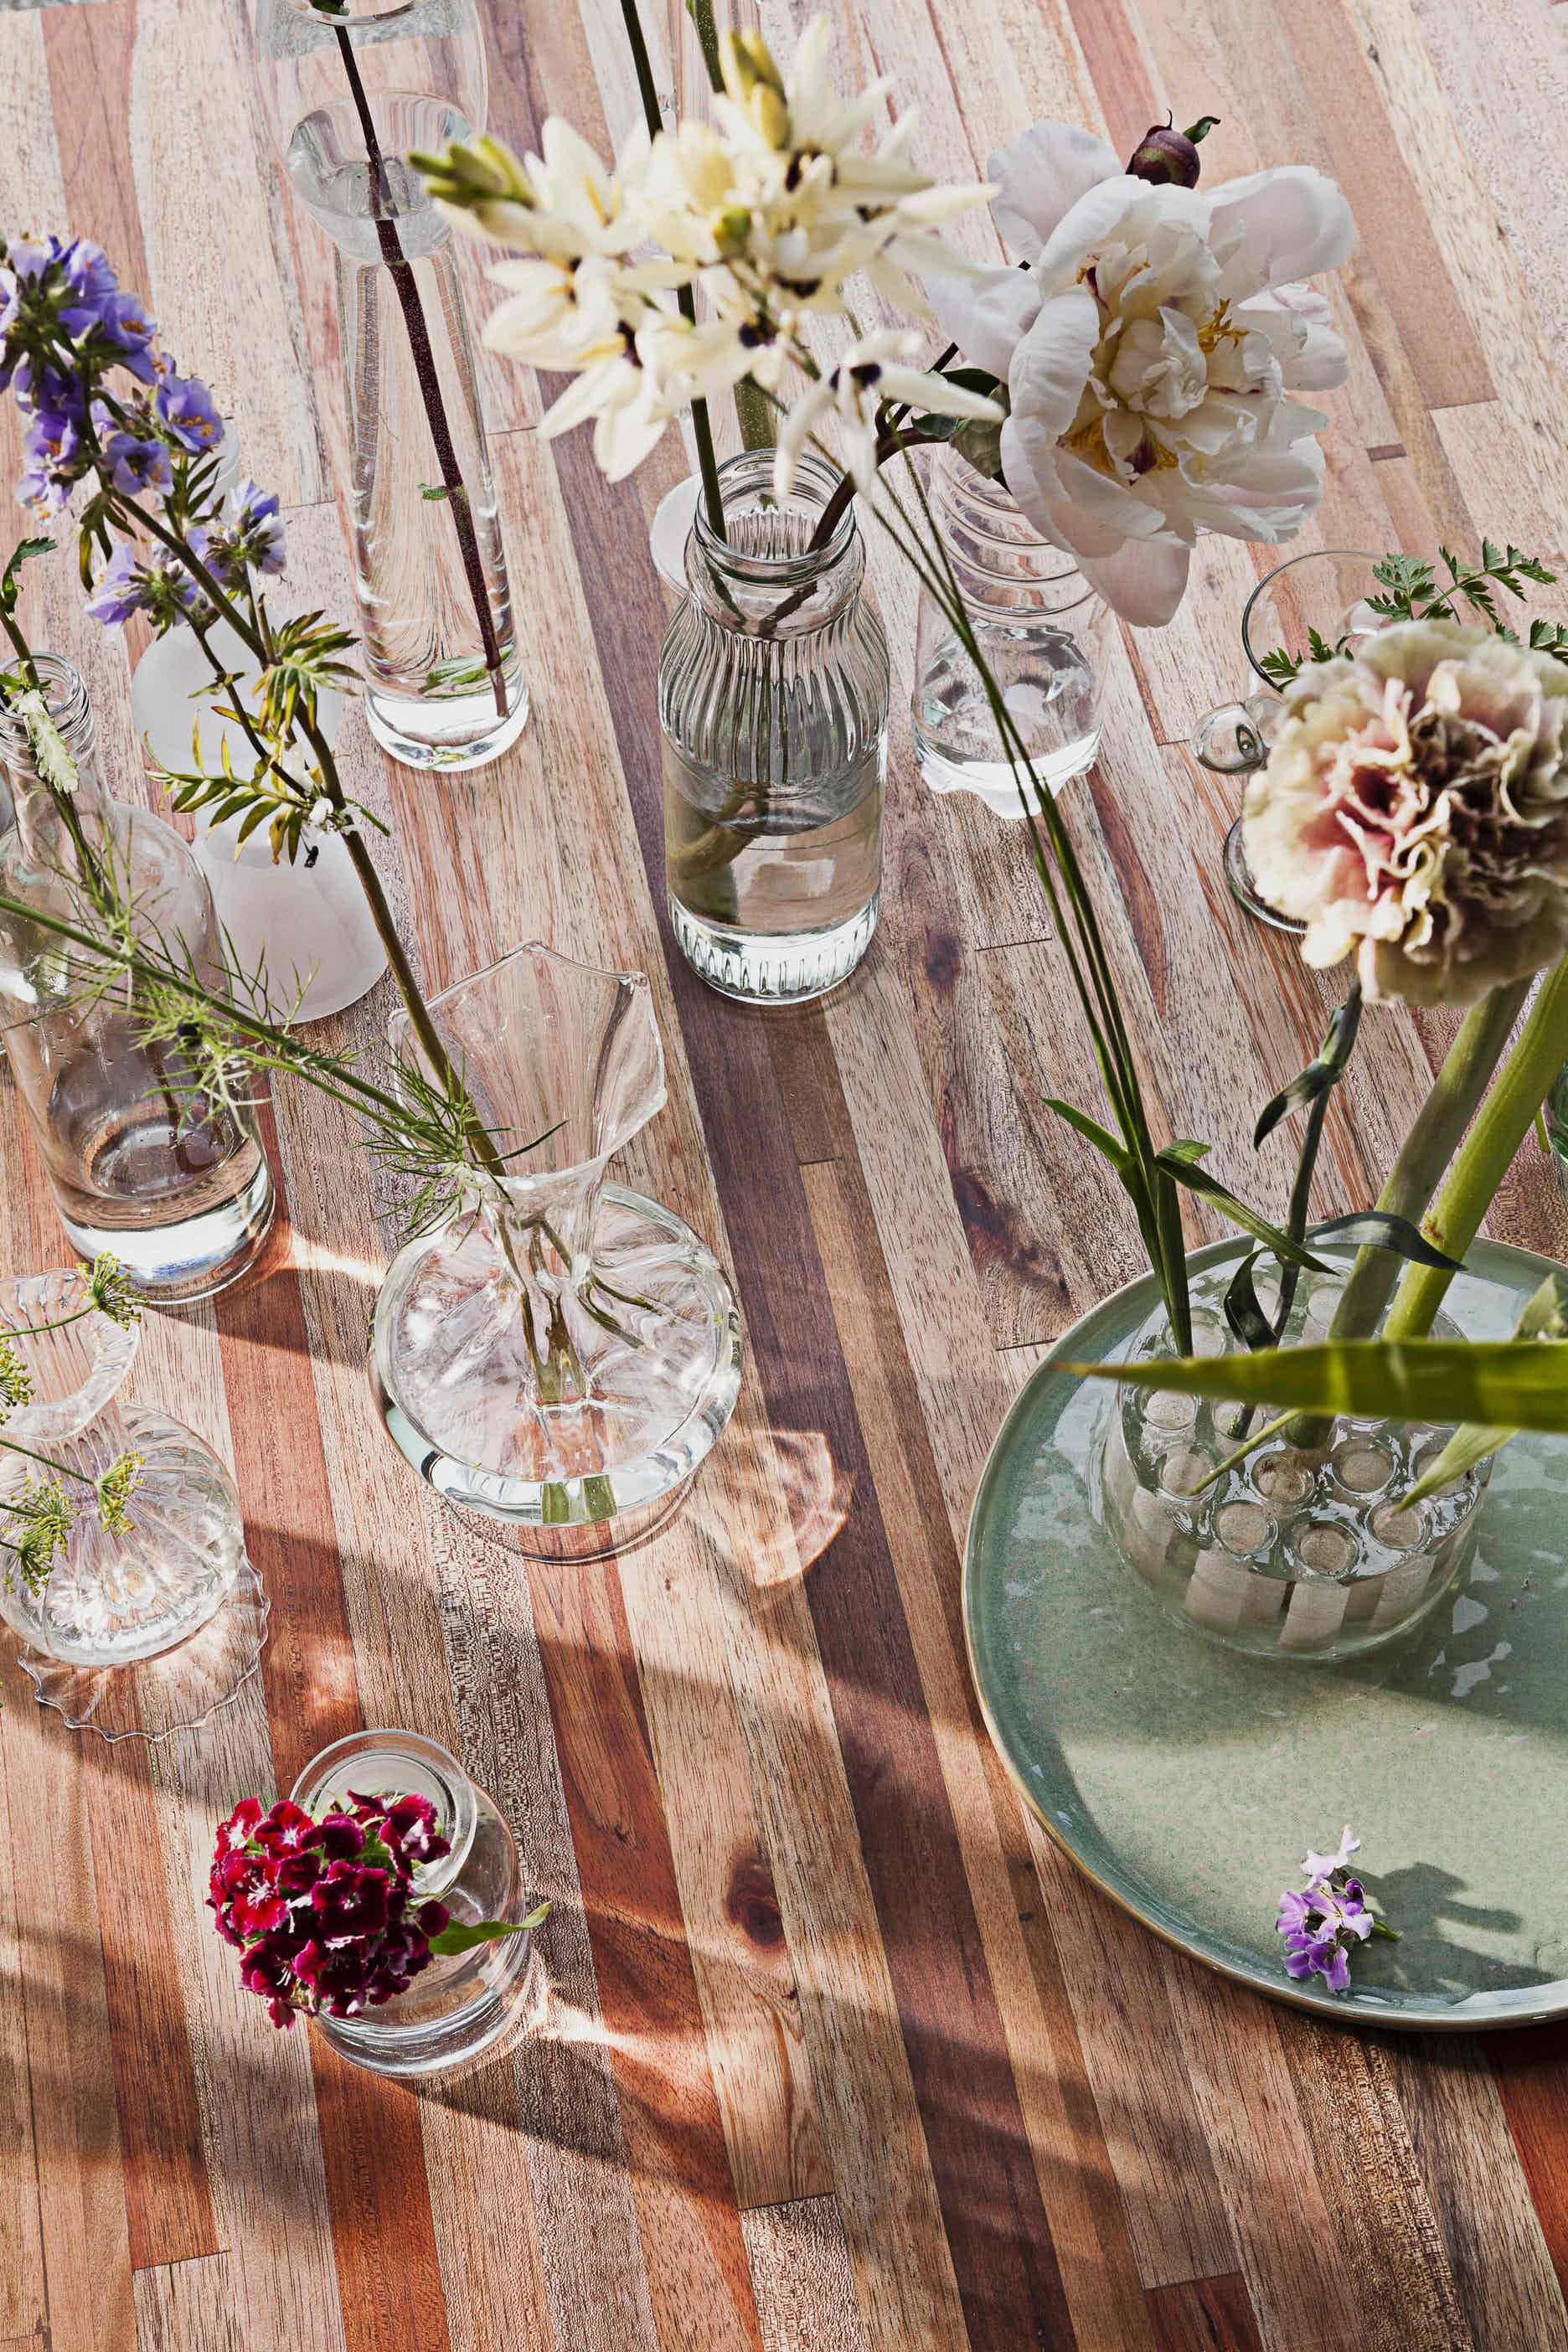 Linteloo-detail-aulia-coffee-table-institu-haute-living